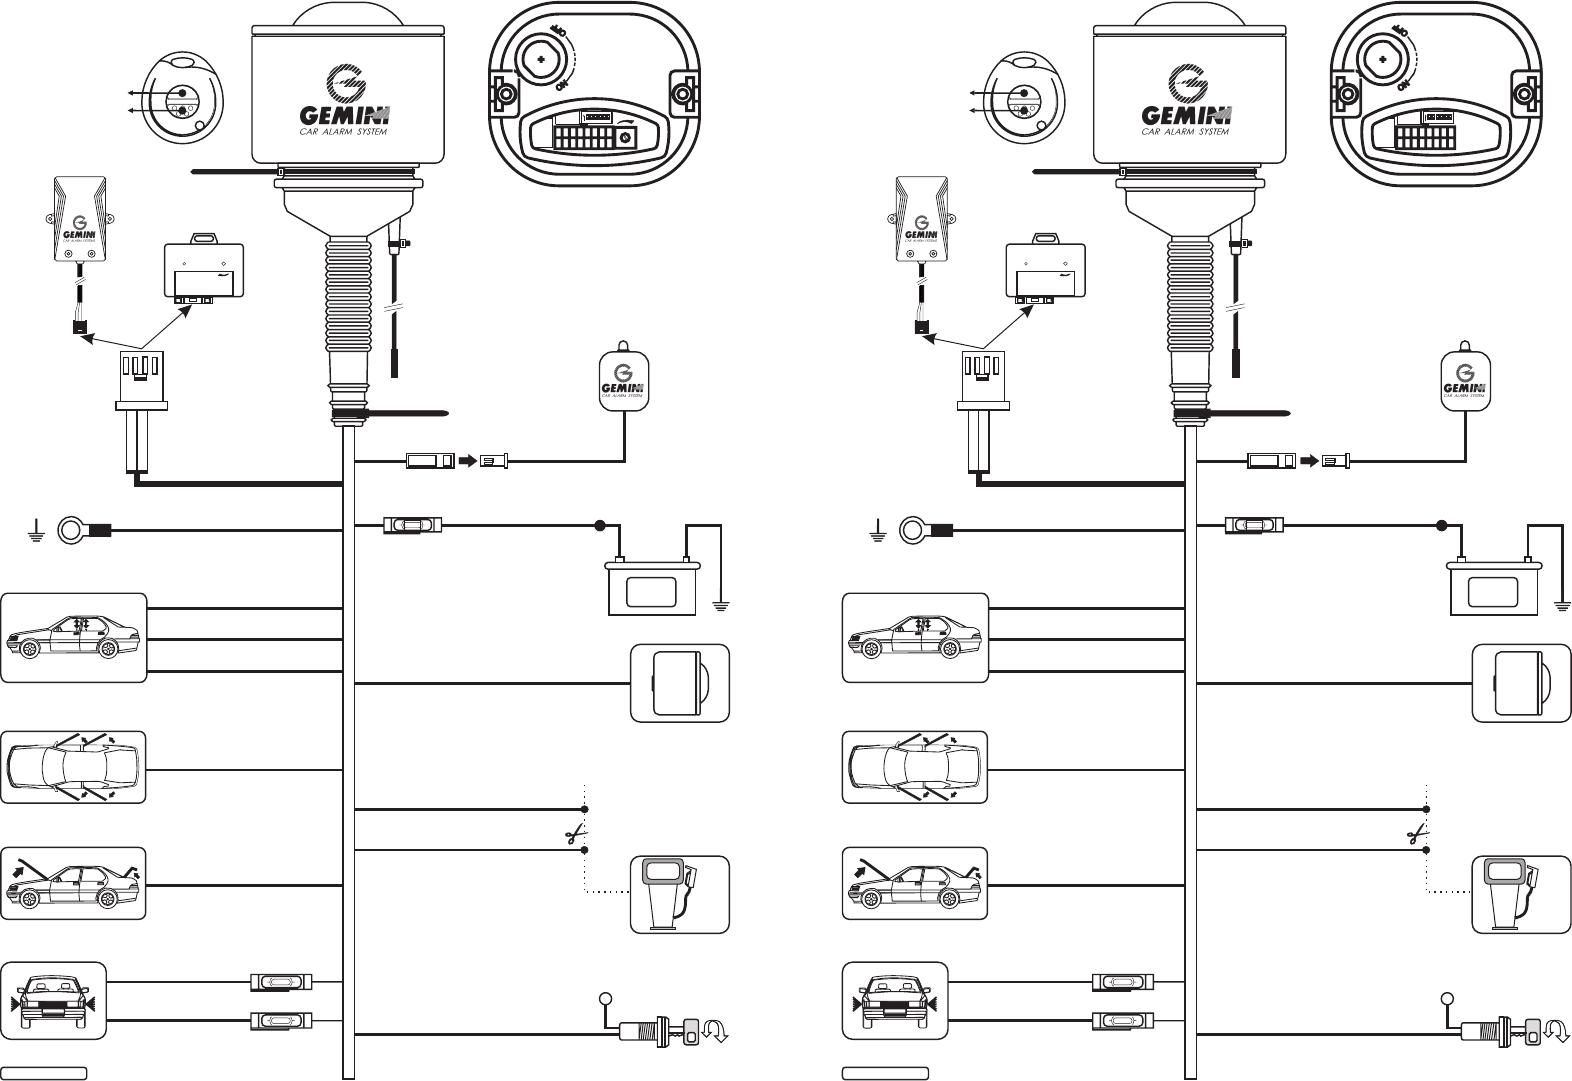 Gemini Car Alarm Wiring Diagram : Gemini panel wiring diagram library